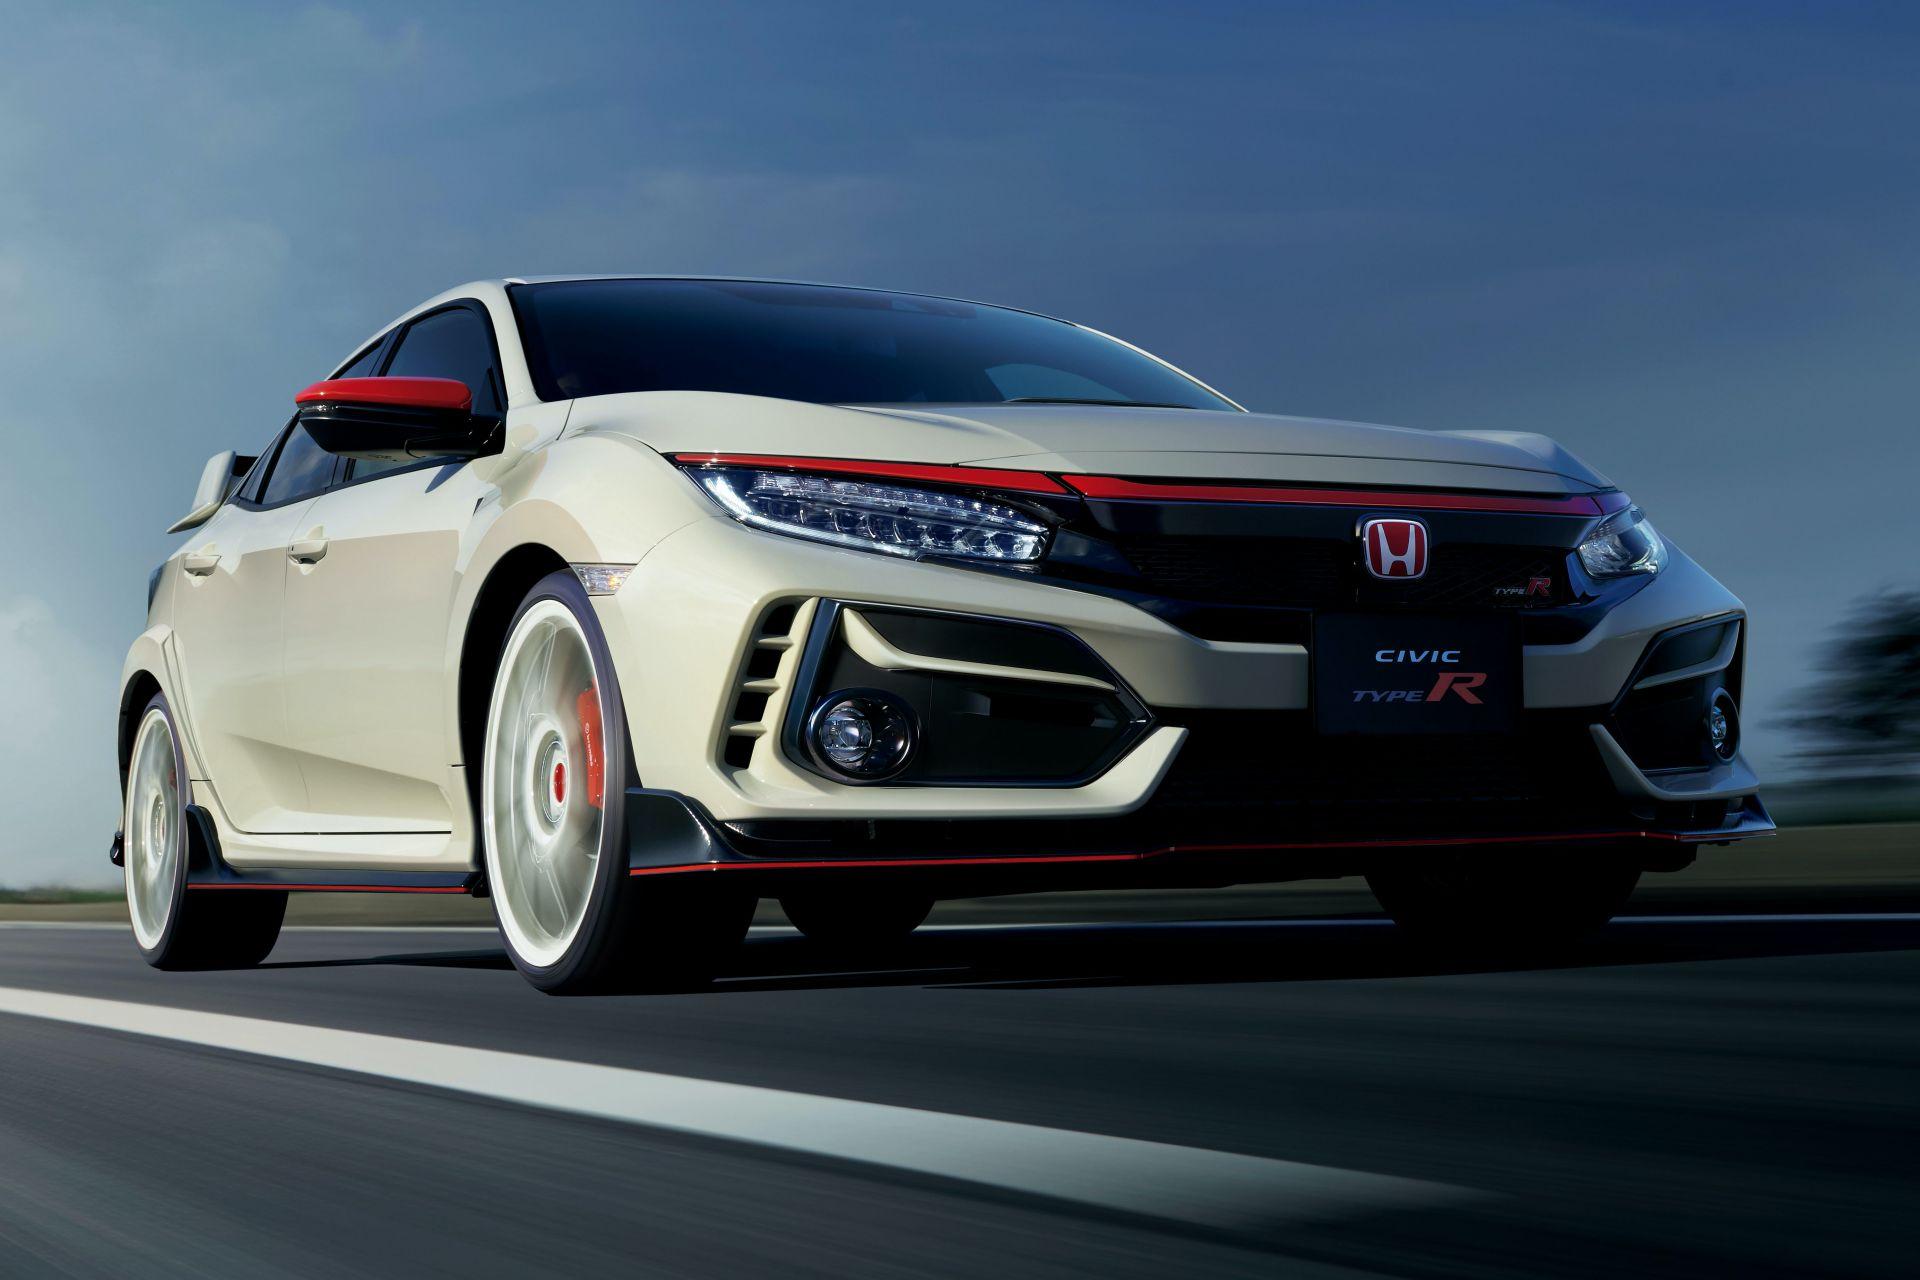 2021_Honda_Civic_Type_R_Modulo_0022